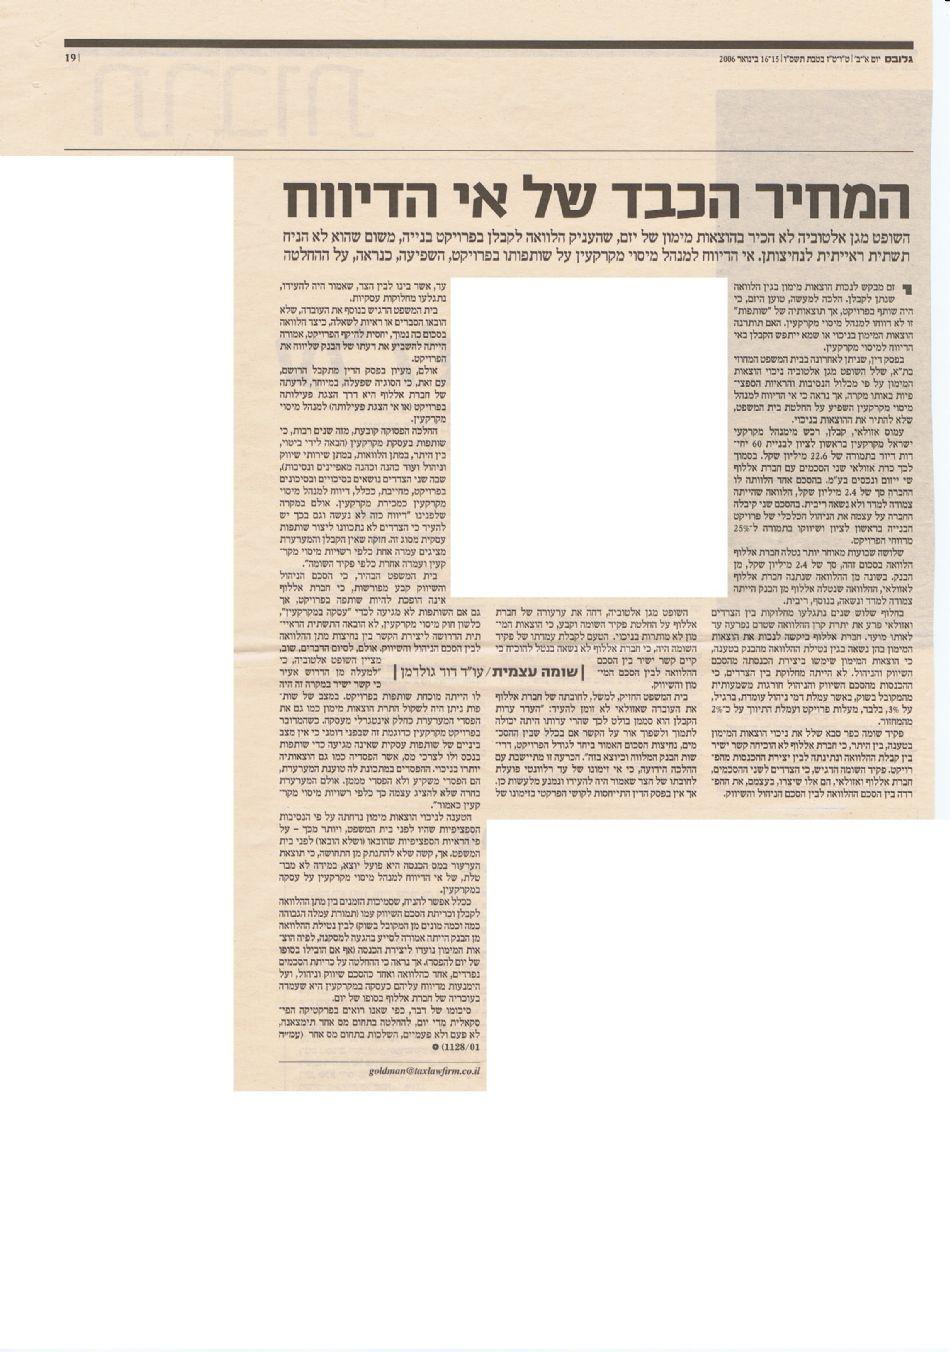 """המחיר הכבד של אי הדיווח, עו""""ד דוד גולדמן"""